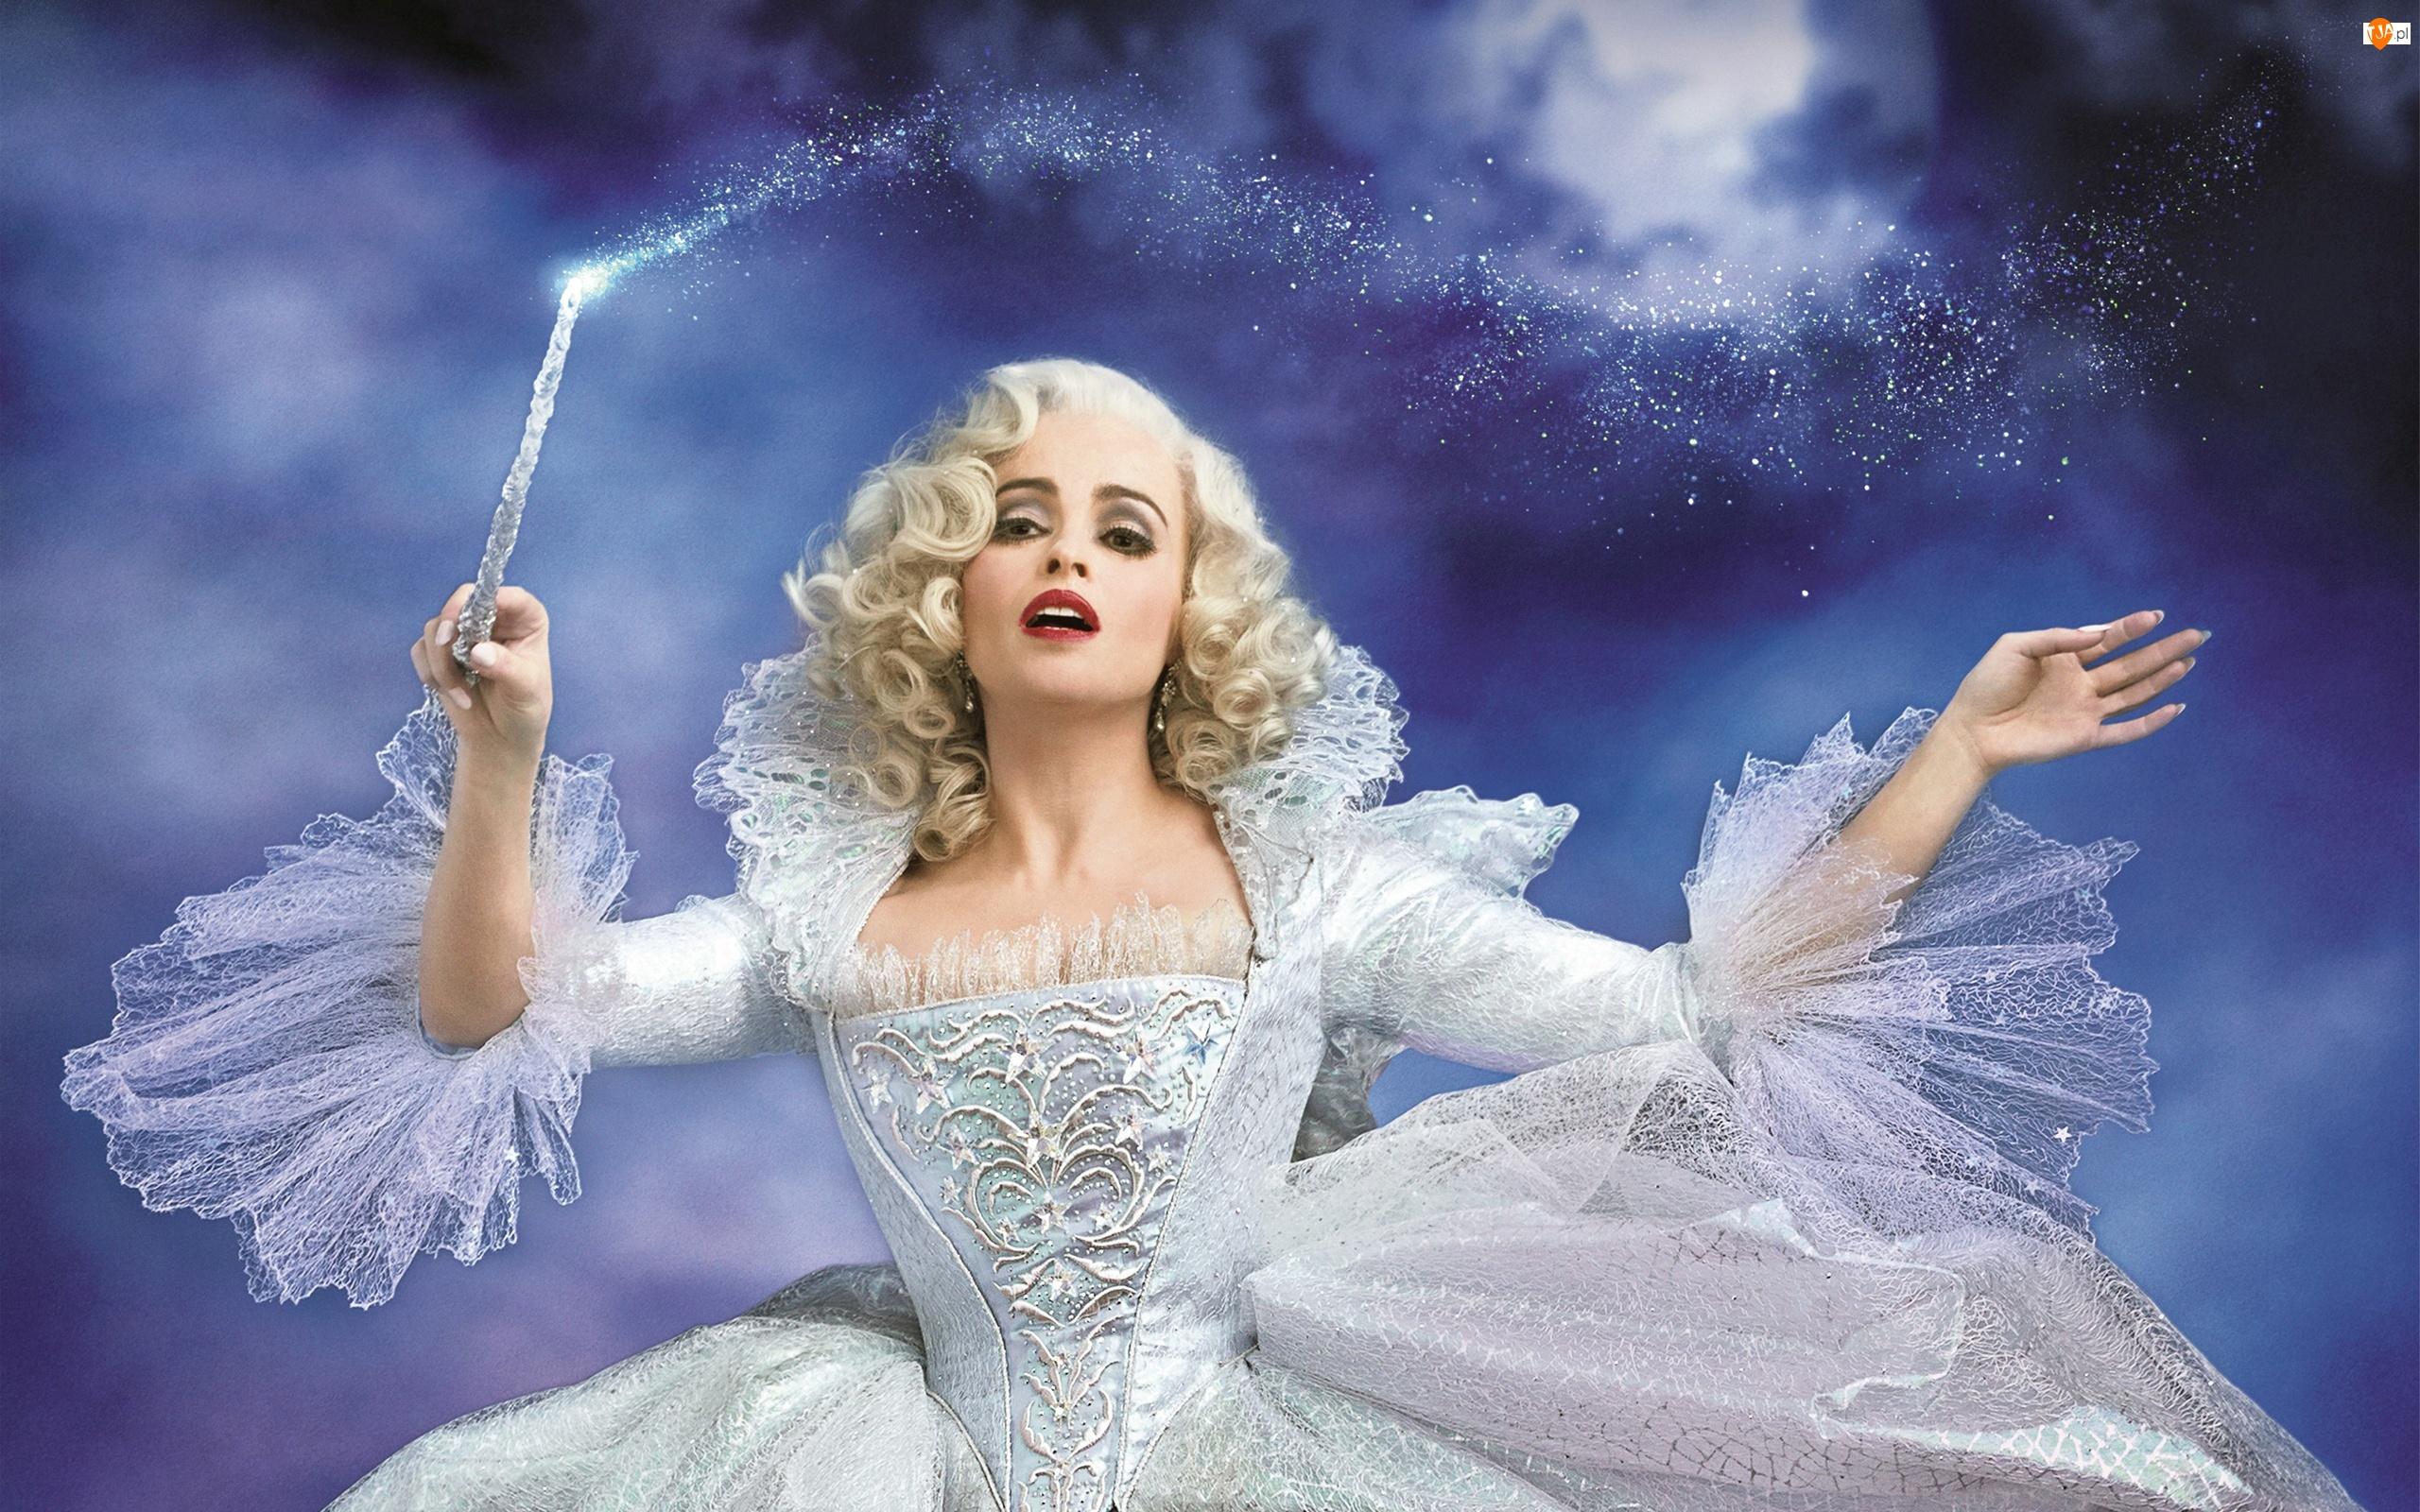 Różdżka, Film, Helena Bonham Carter, Wróżka, Aktorka, Cinderella, Kopciuszek